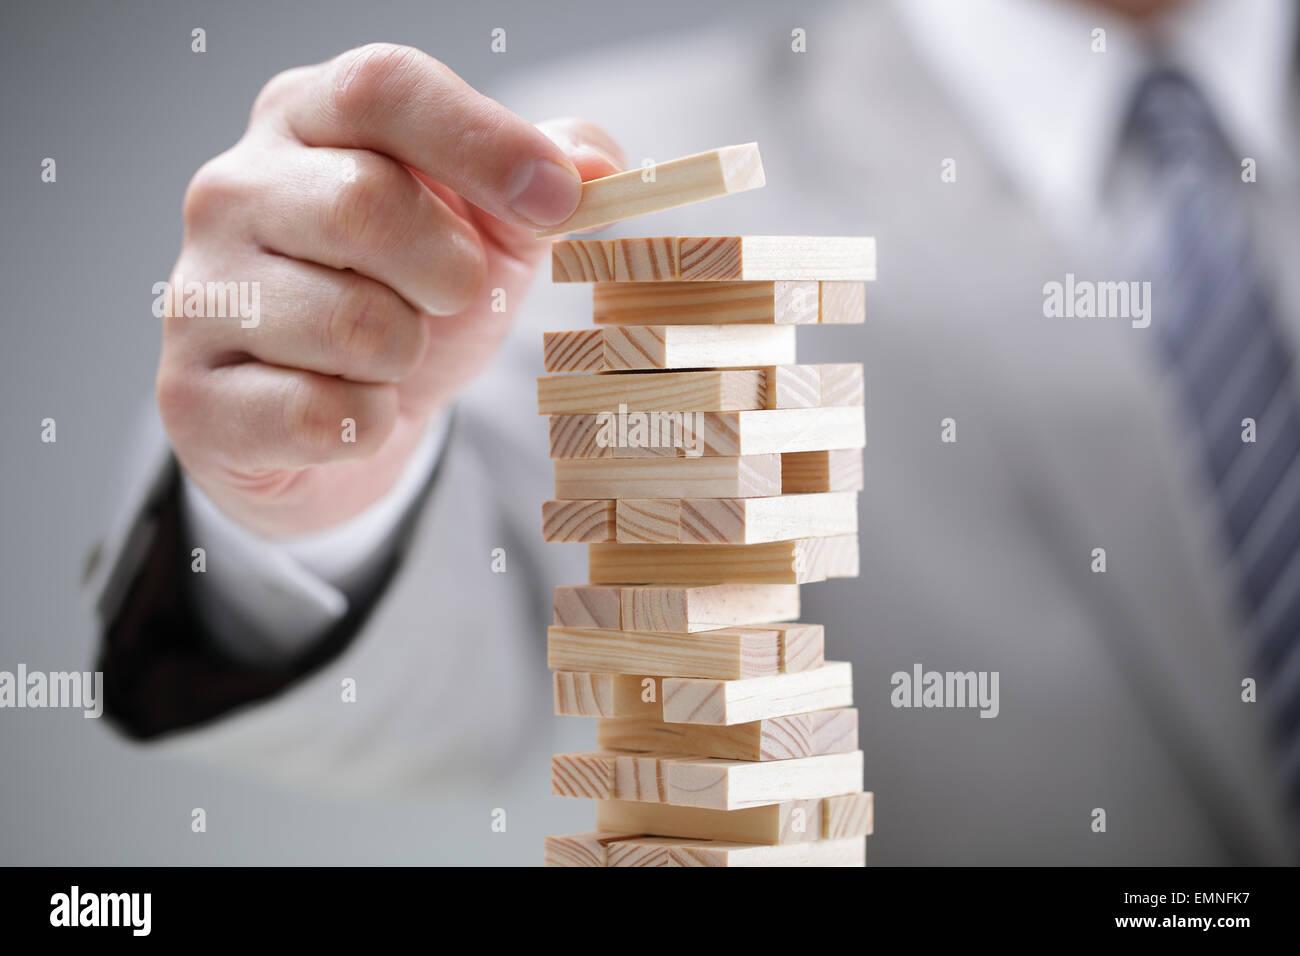 La planification, la stratégie et des risques dans l'entreprise Photo Stock